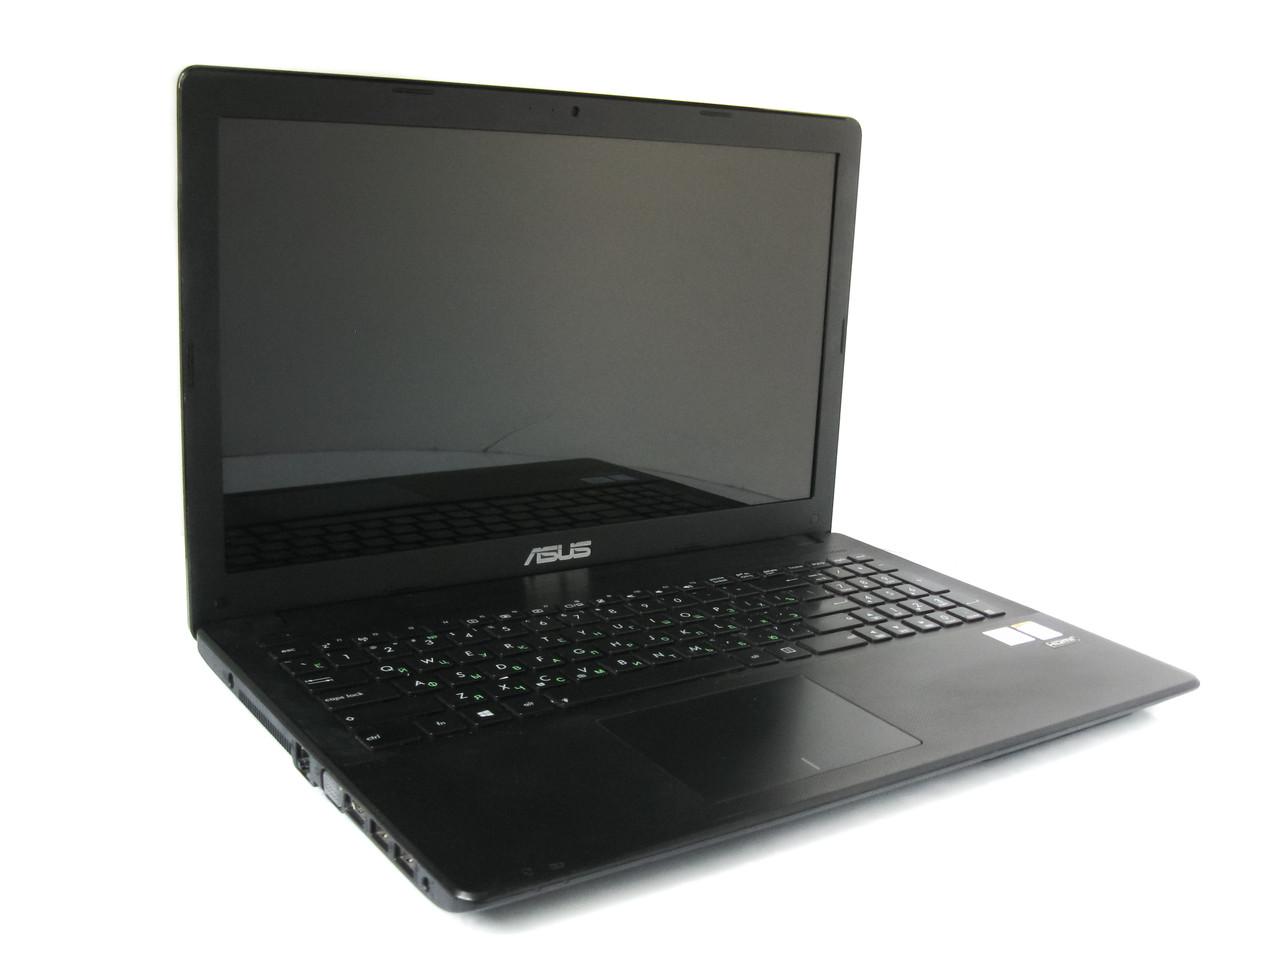 Ультрабук Asus X551 15.6 (1366x768) / Intel Pentium 2117U (2x1.8Ghz) /